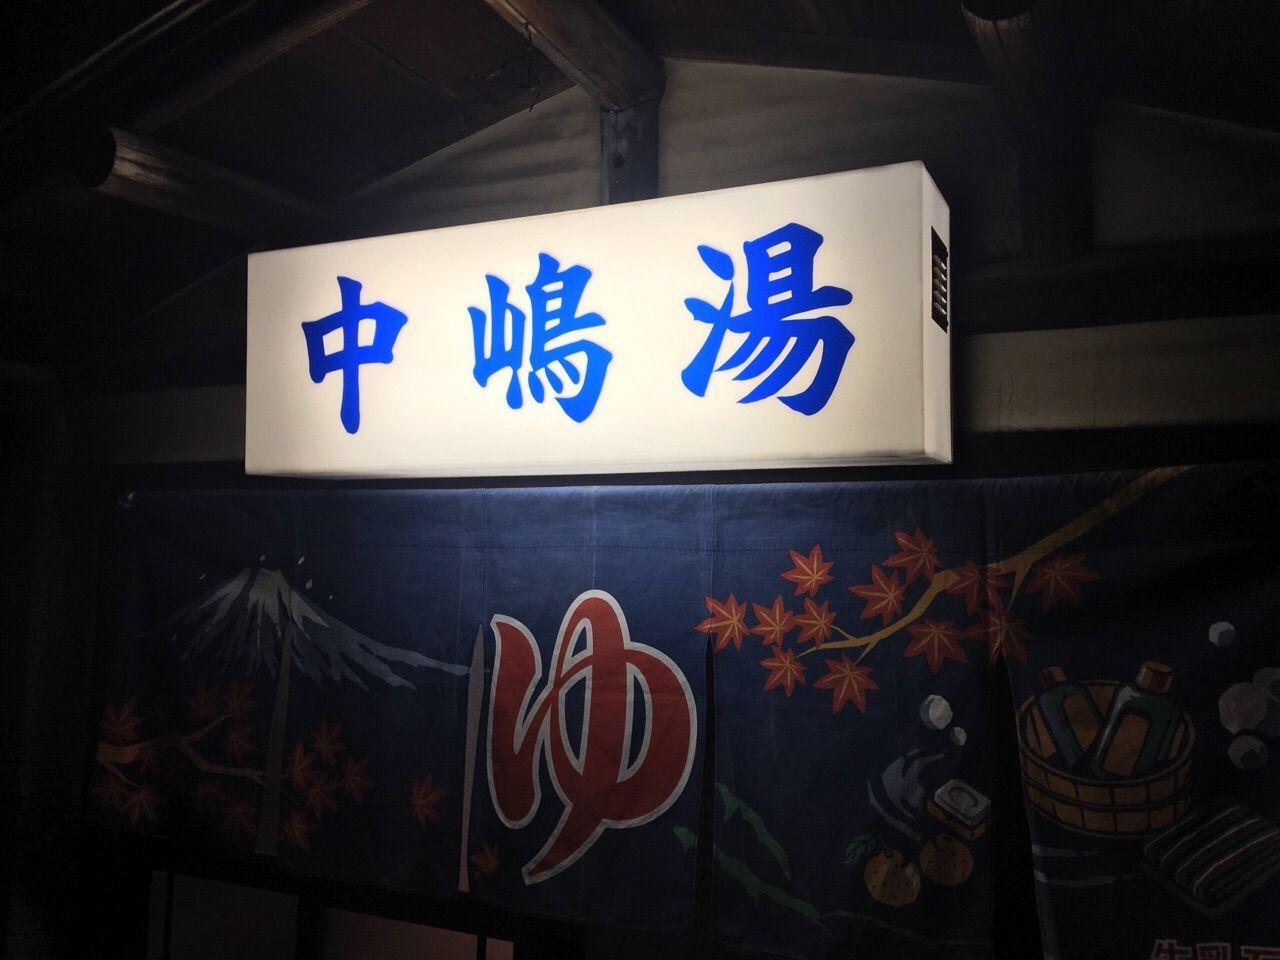 f:id:warukatta:20171204163333j:image